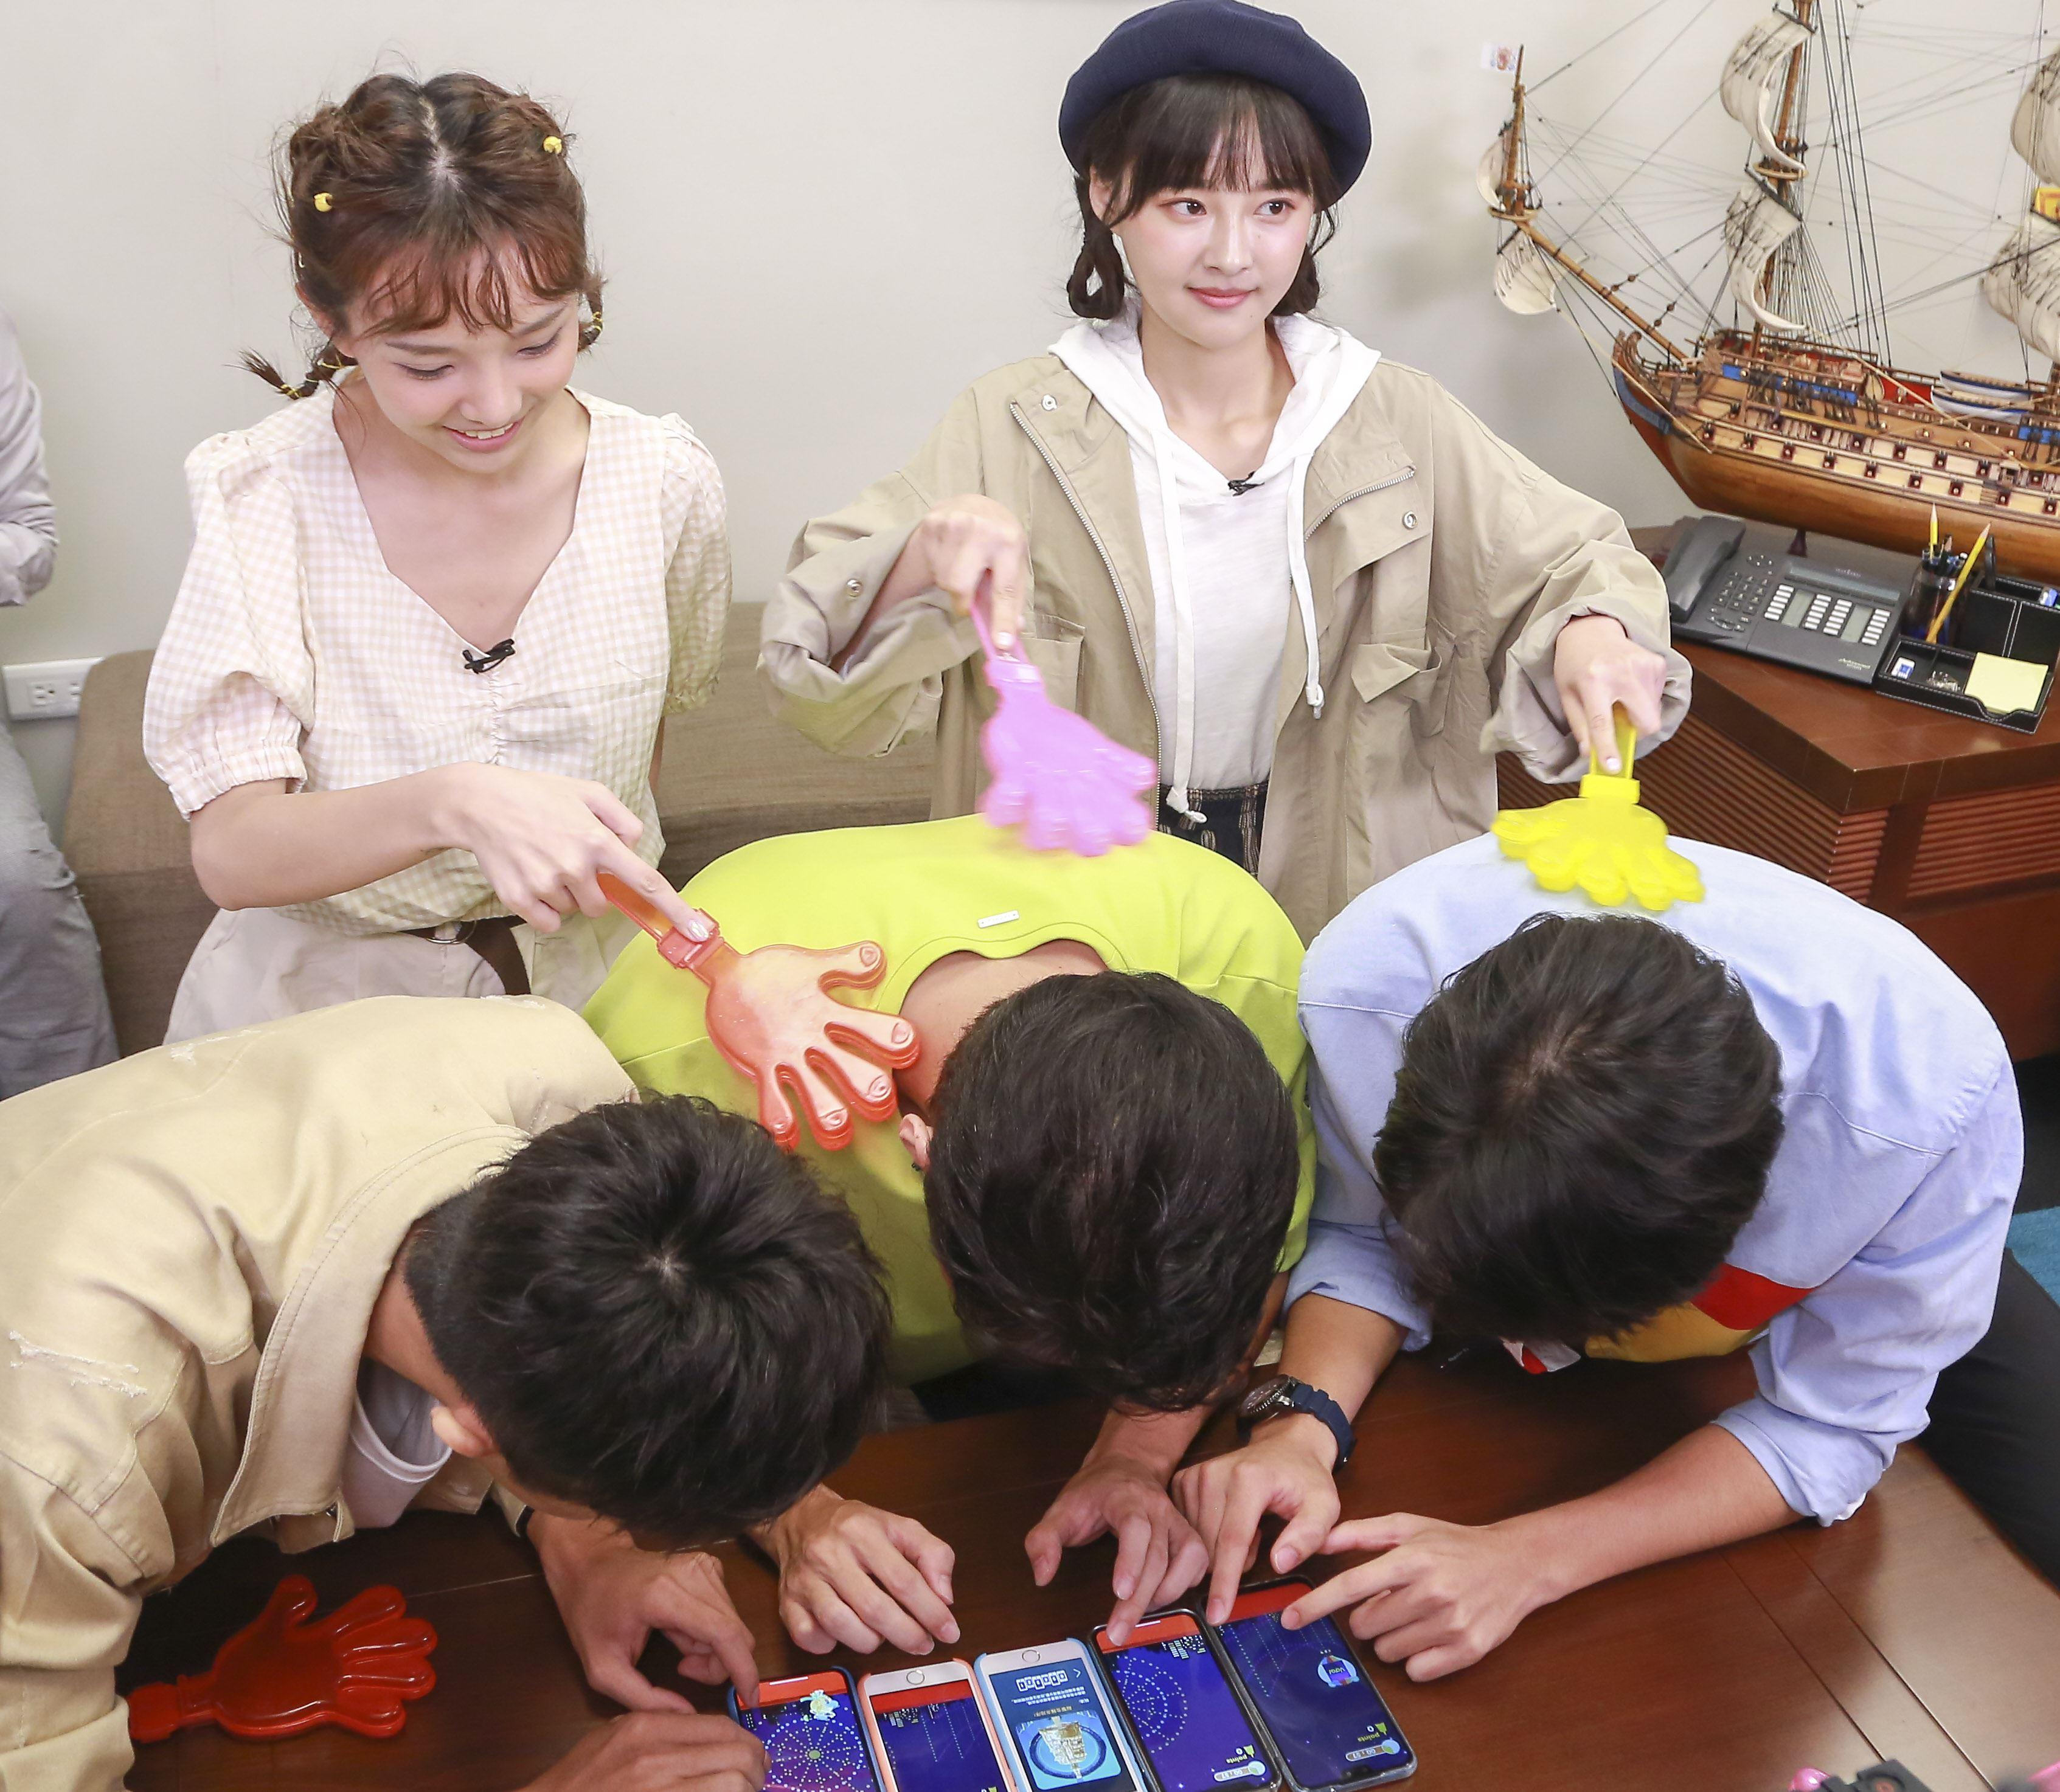 許少瑜、陳甯亞、顏邦智、林子珊、黃梓維《女孩要幹嘛第二季》宣傳安安大明星。(圖/記者林士傑攝影)